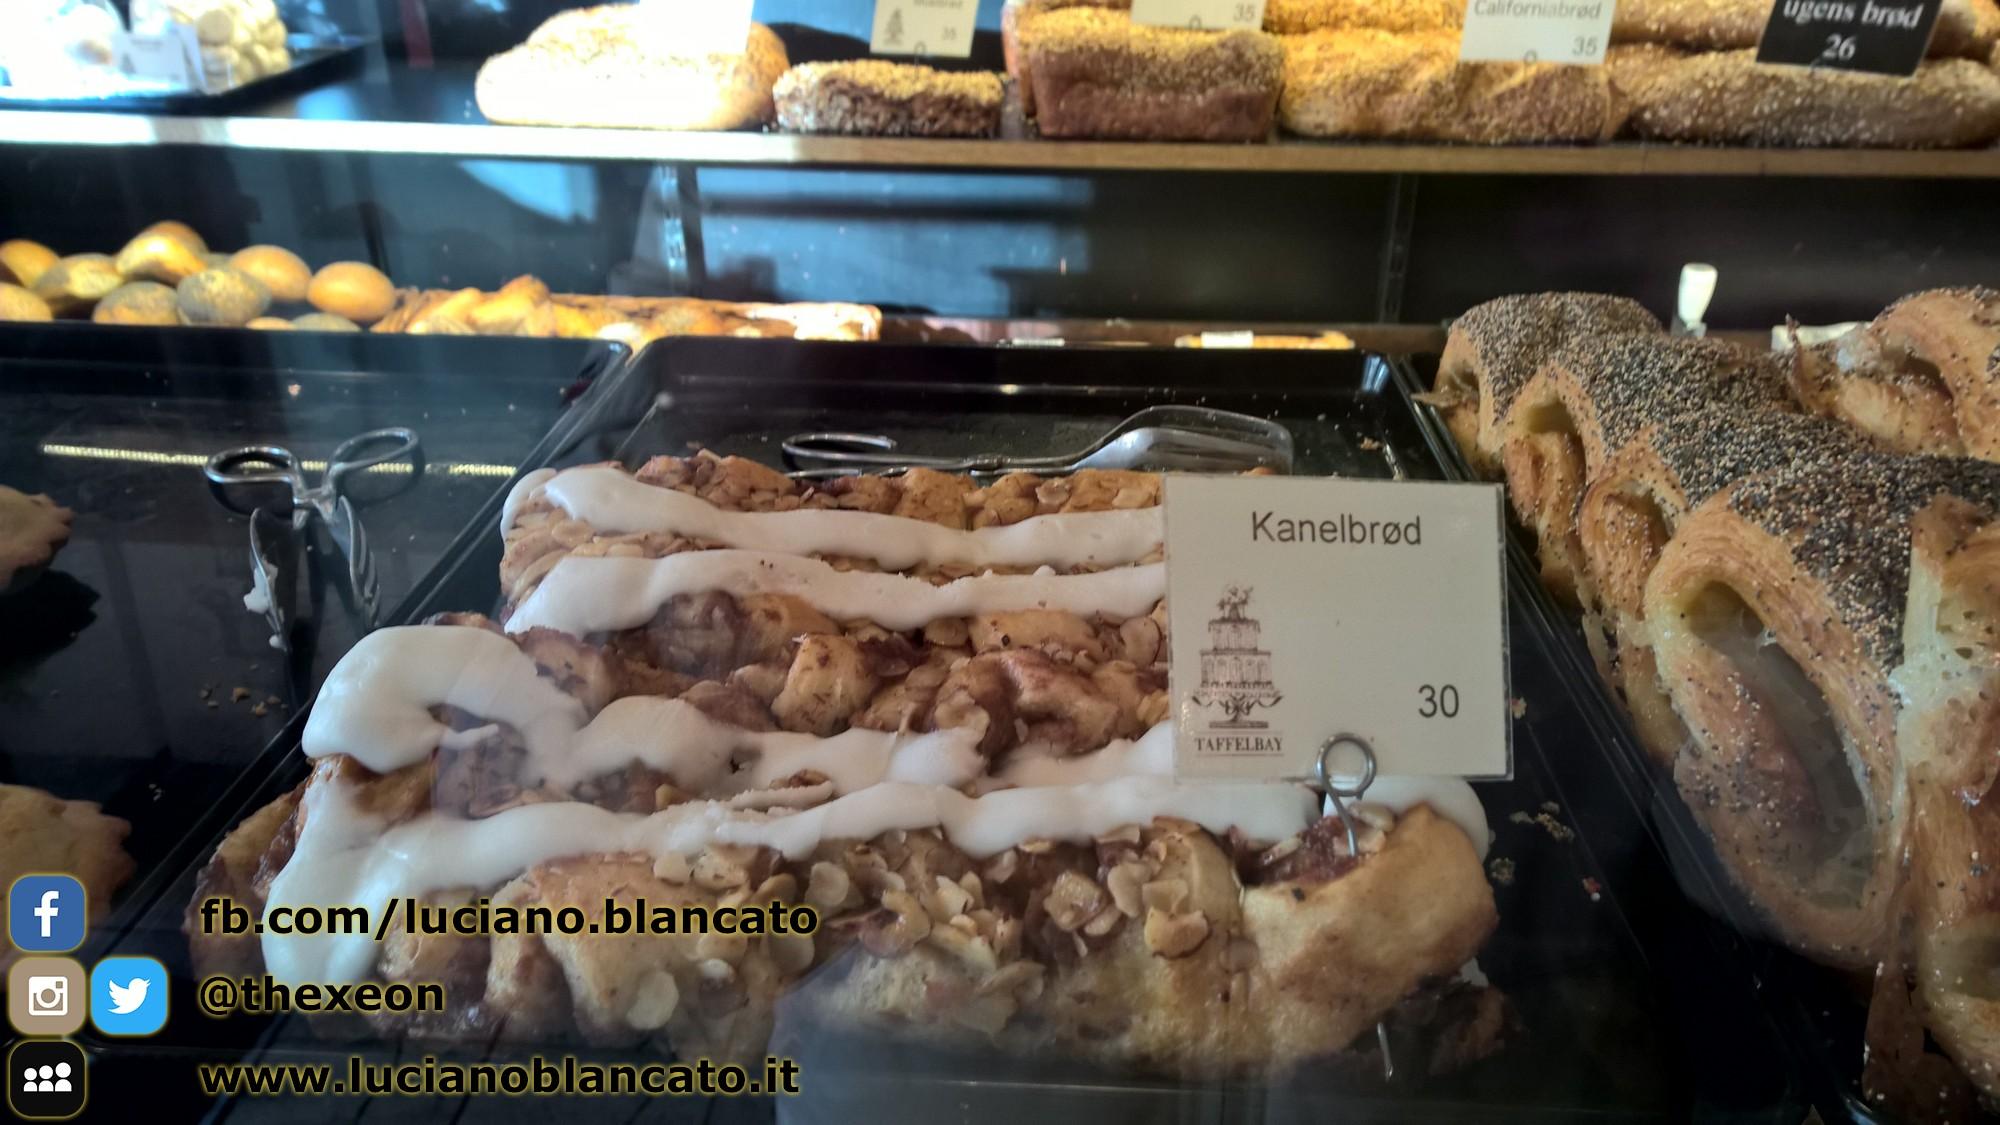 In pasticceria a Copenaghen. Kanelbrod - Danimarca